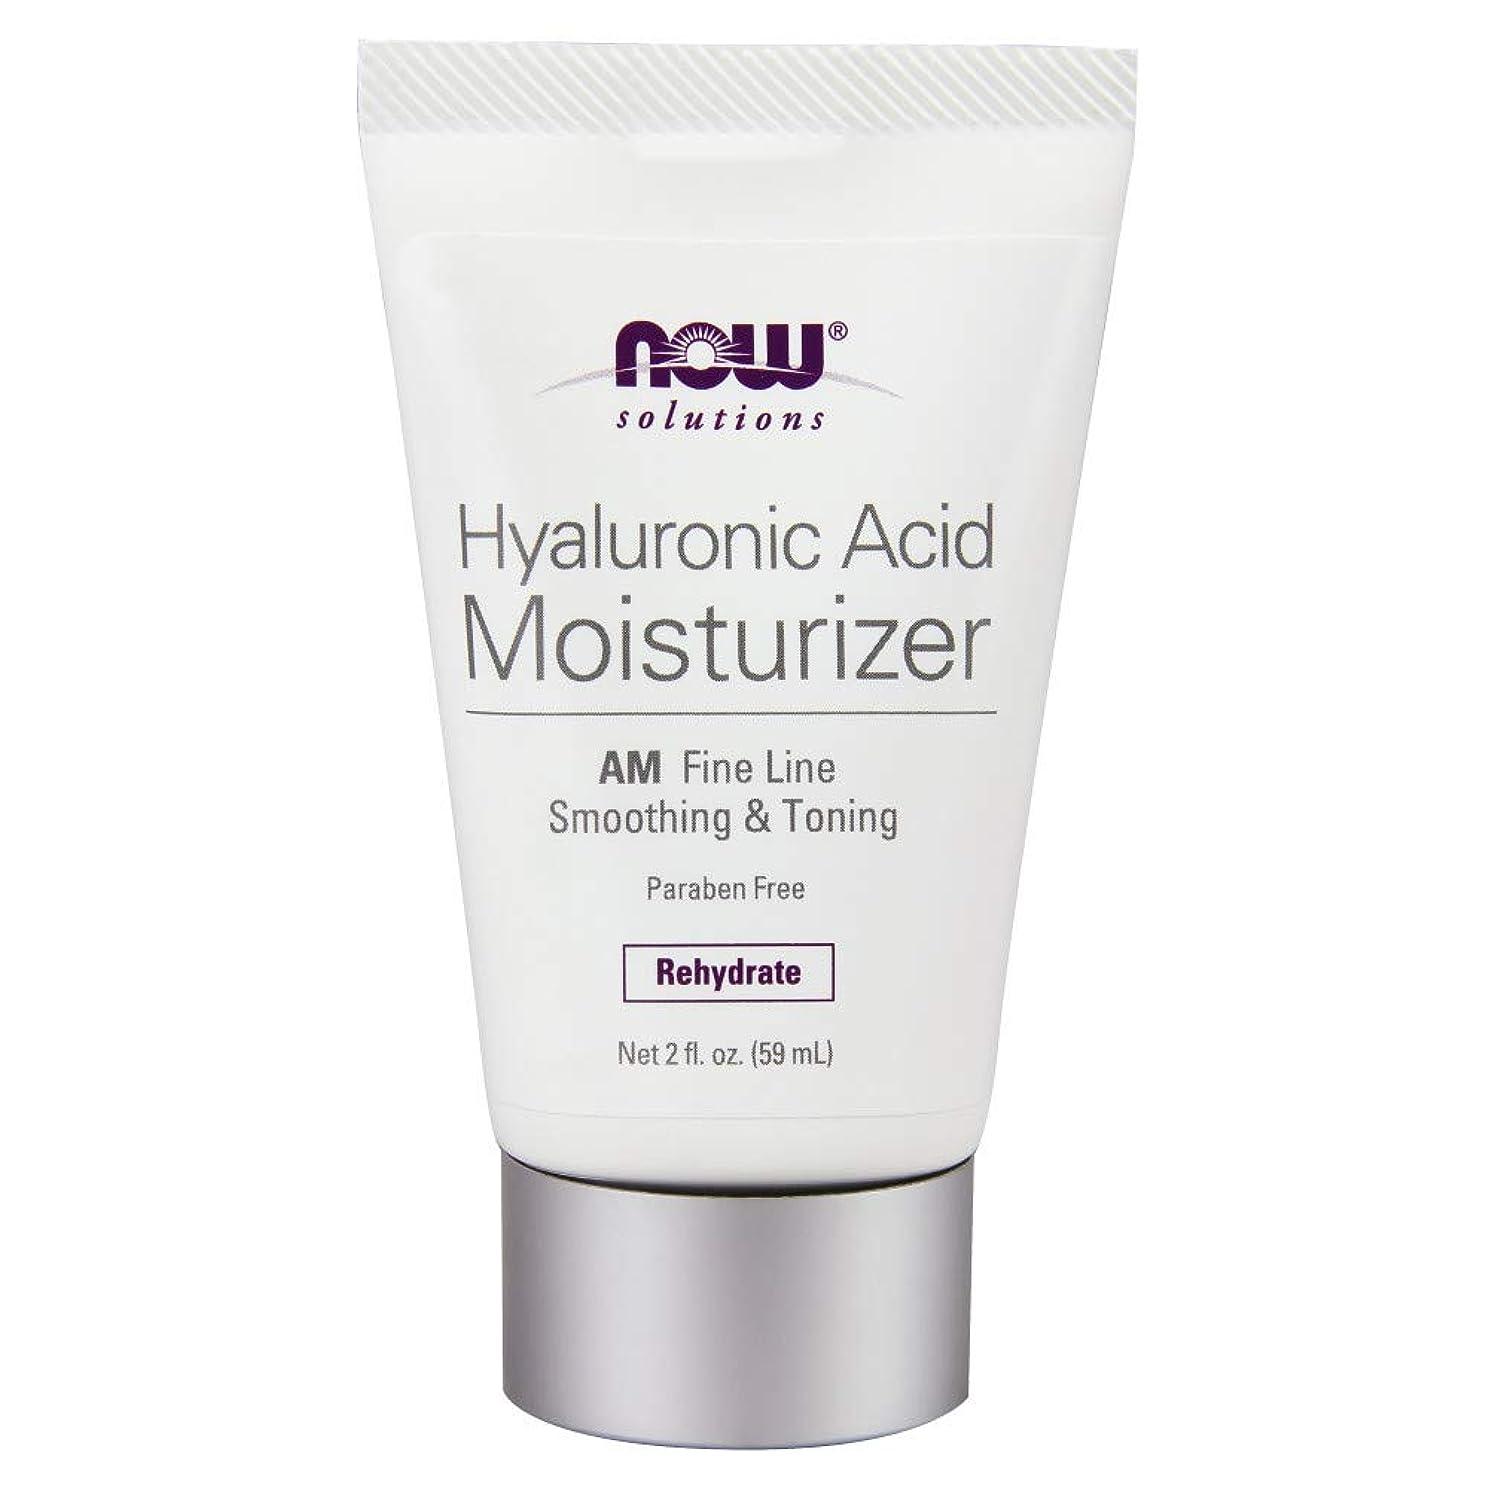 苗タブレット完全に乾く海外直送品 Now Foods Hyaluronic Acid Moisturizer, 2 OZ TUBE